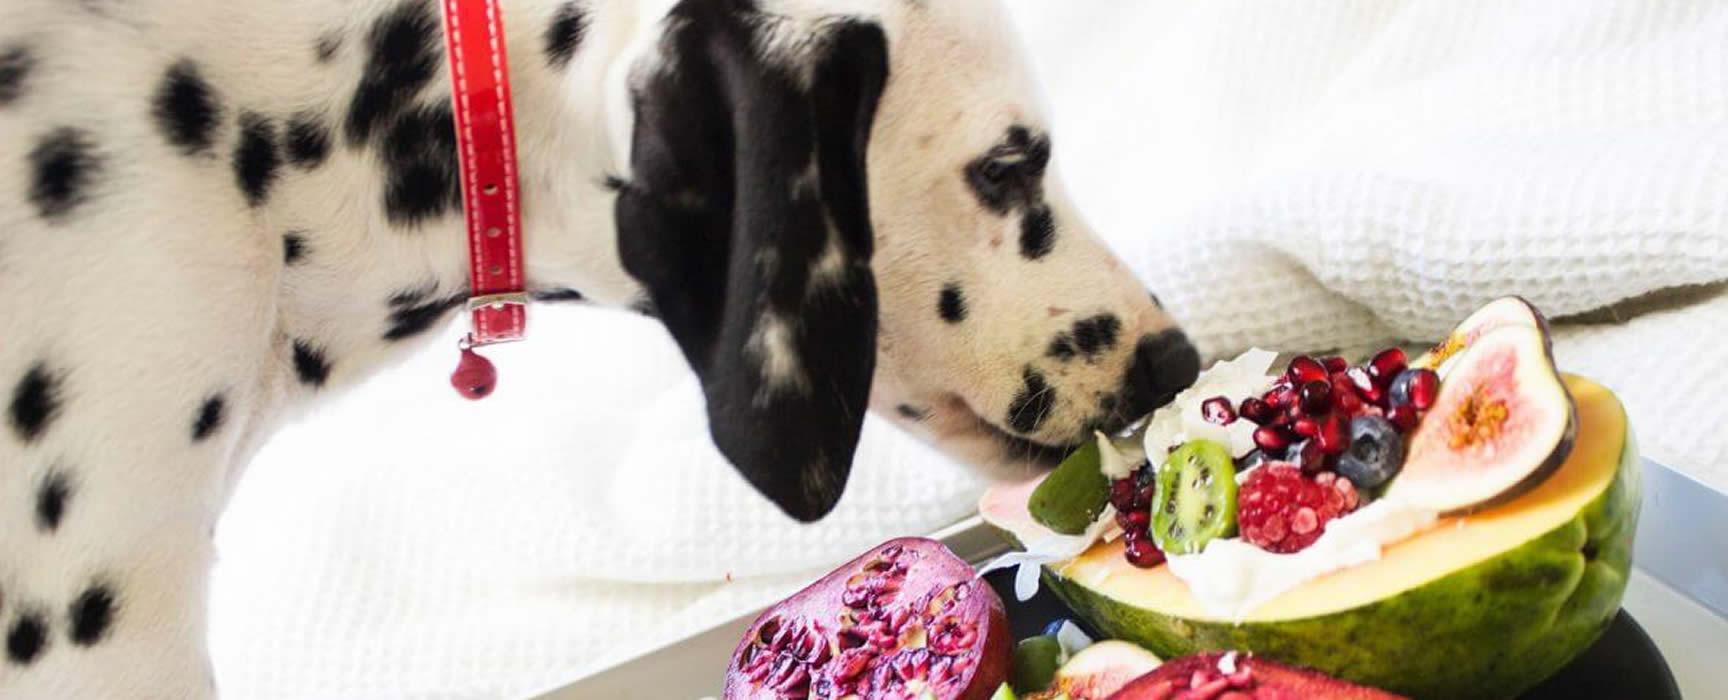 Alimentos que tu perro puede comer y te va a robar del plato